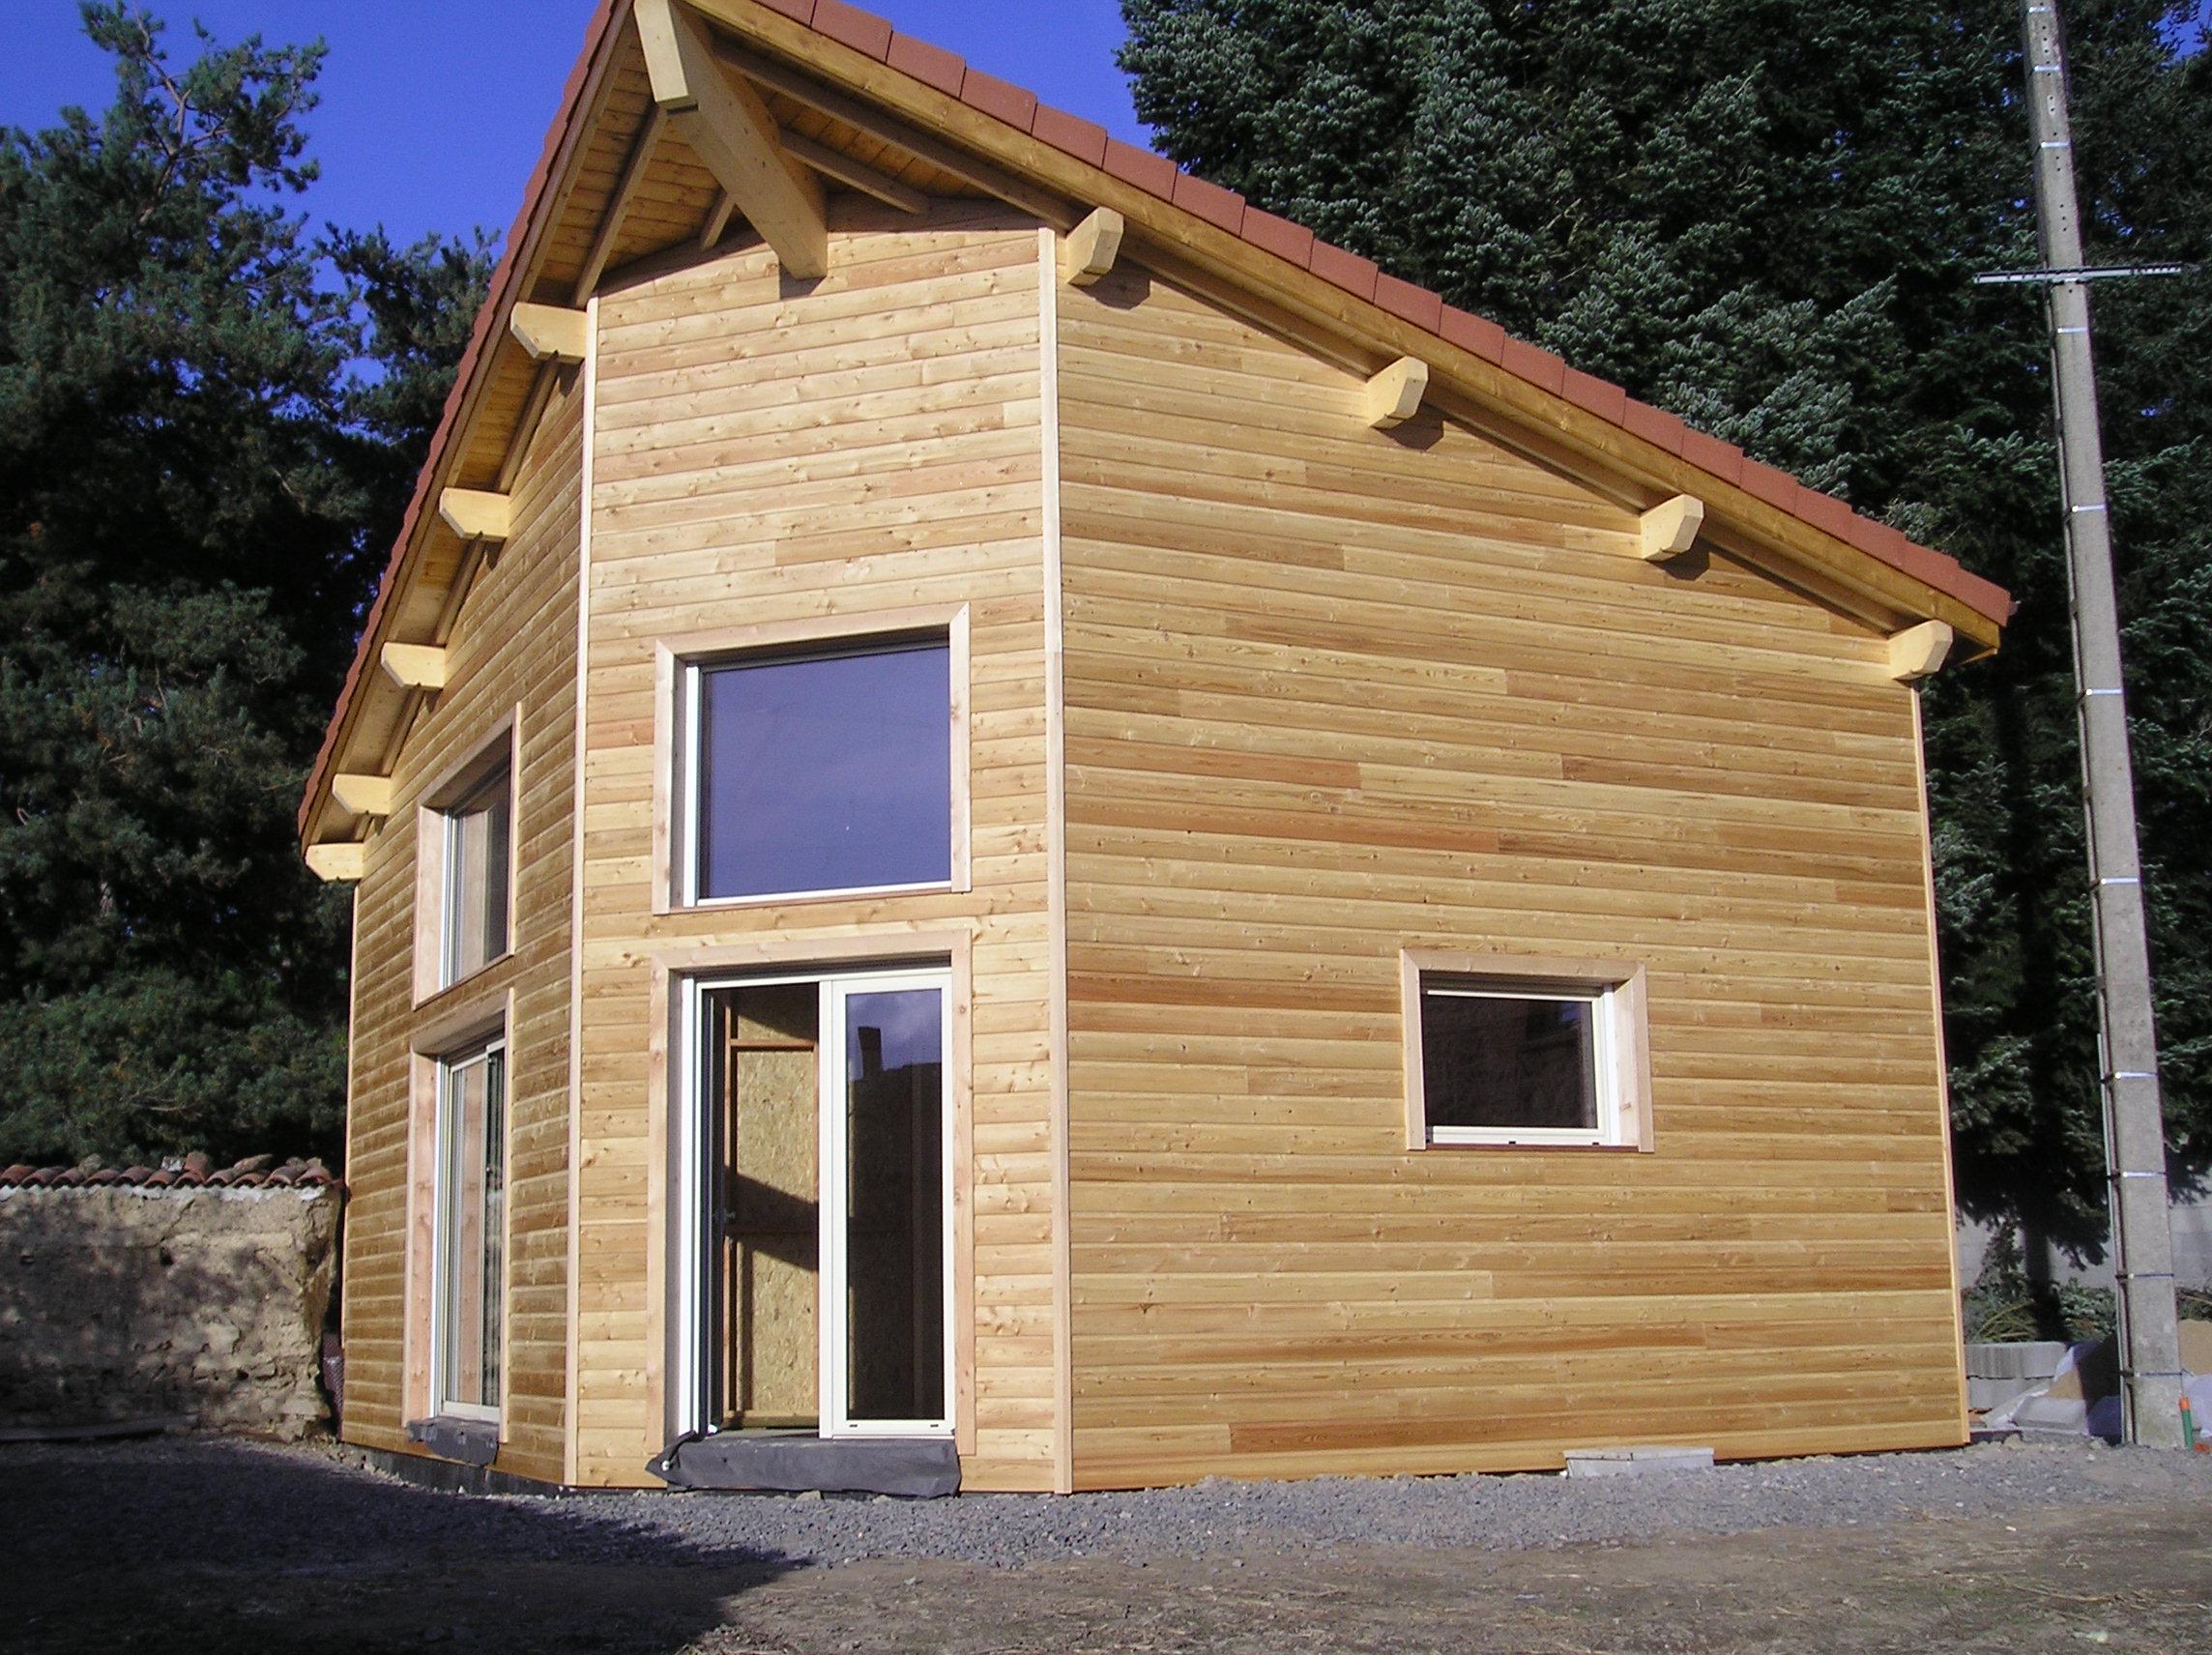 Maison Ossature Bois Paca - Maison Bois Loire ~ Catodon com Obtenez des idées de design intéressantes en utilisant du bois